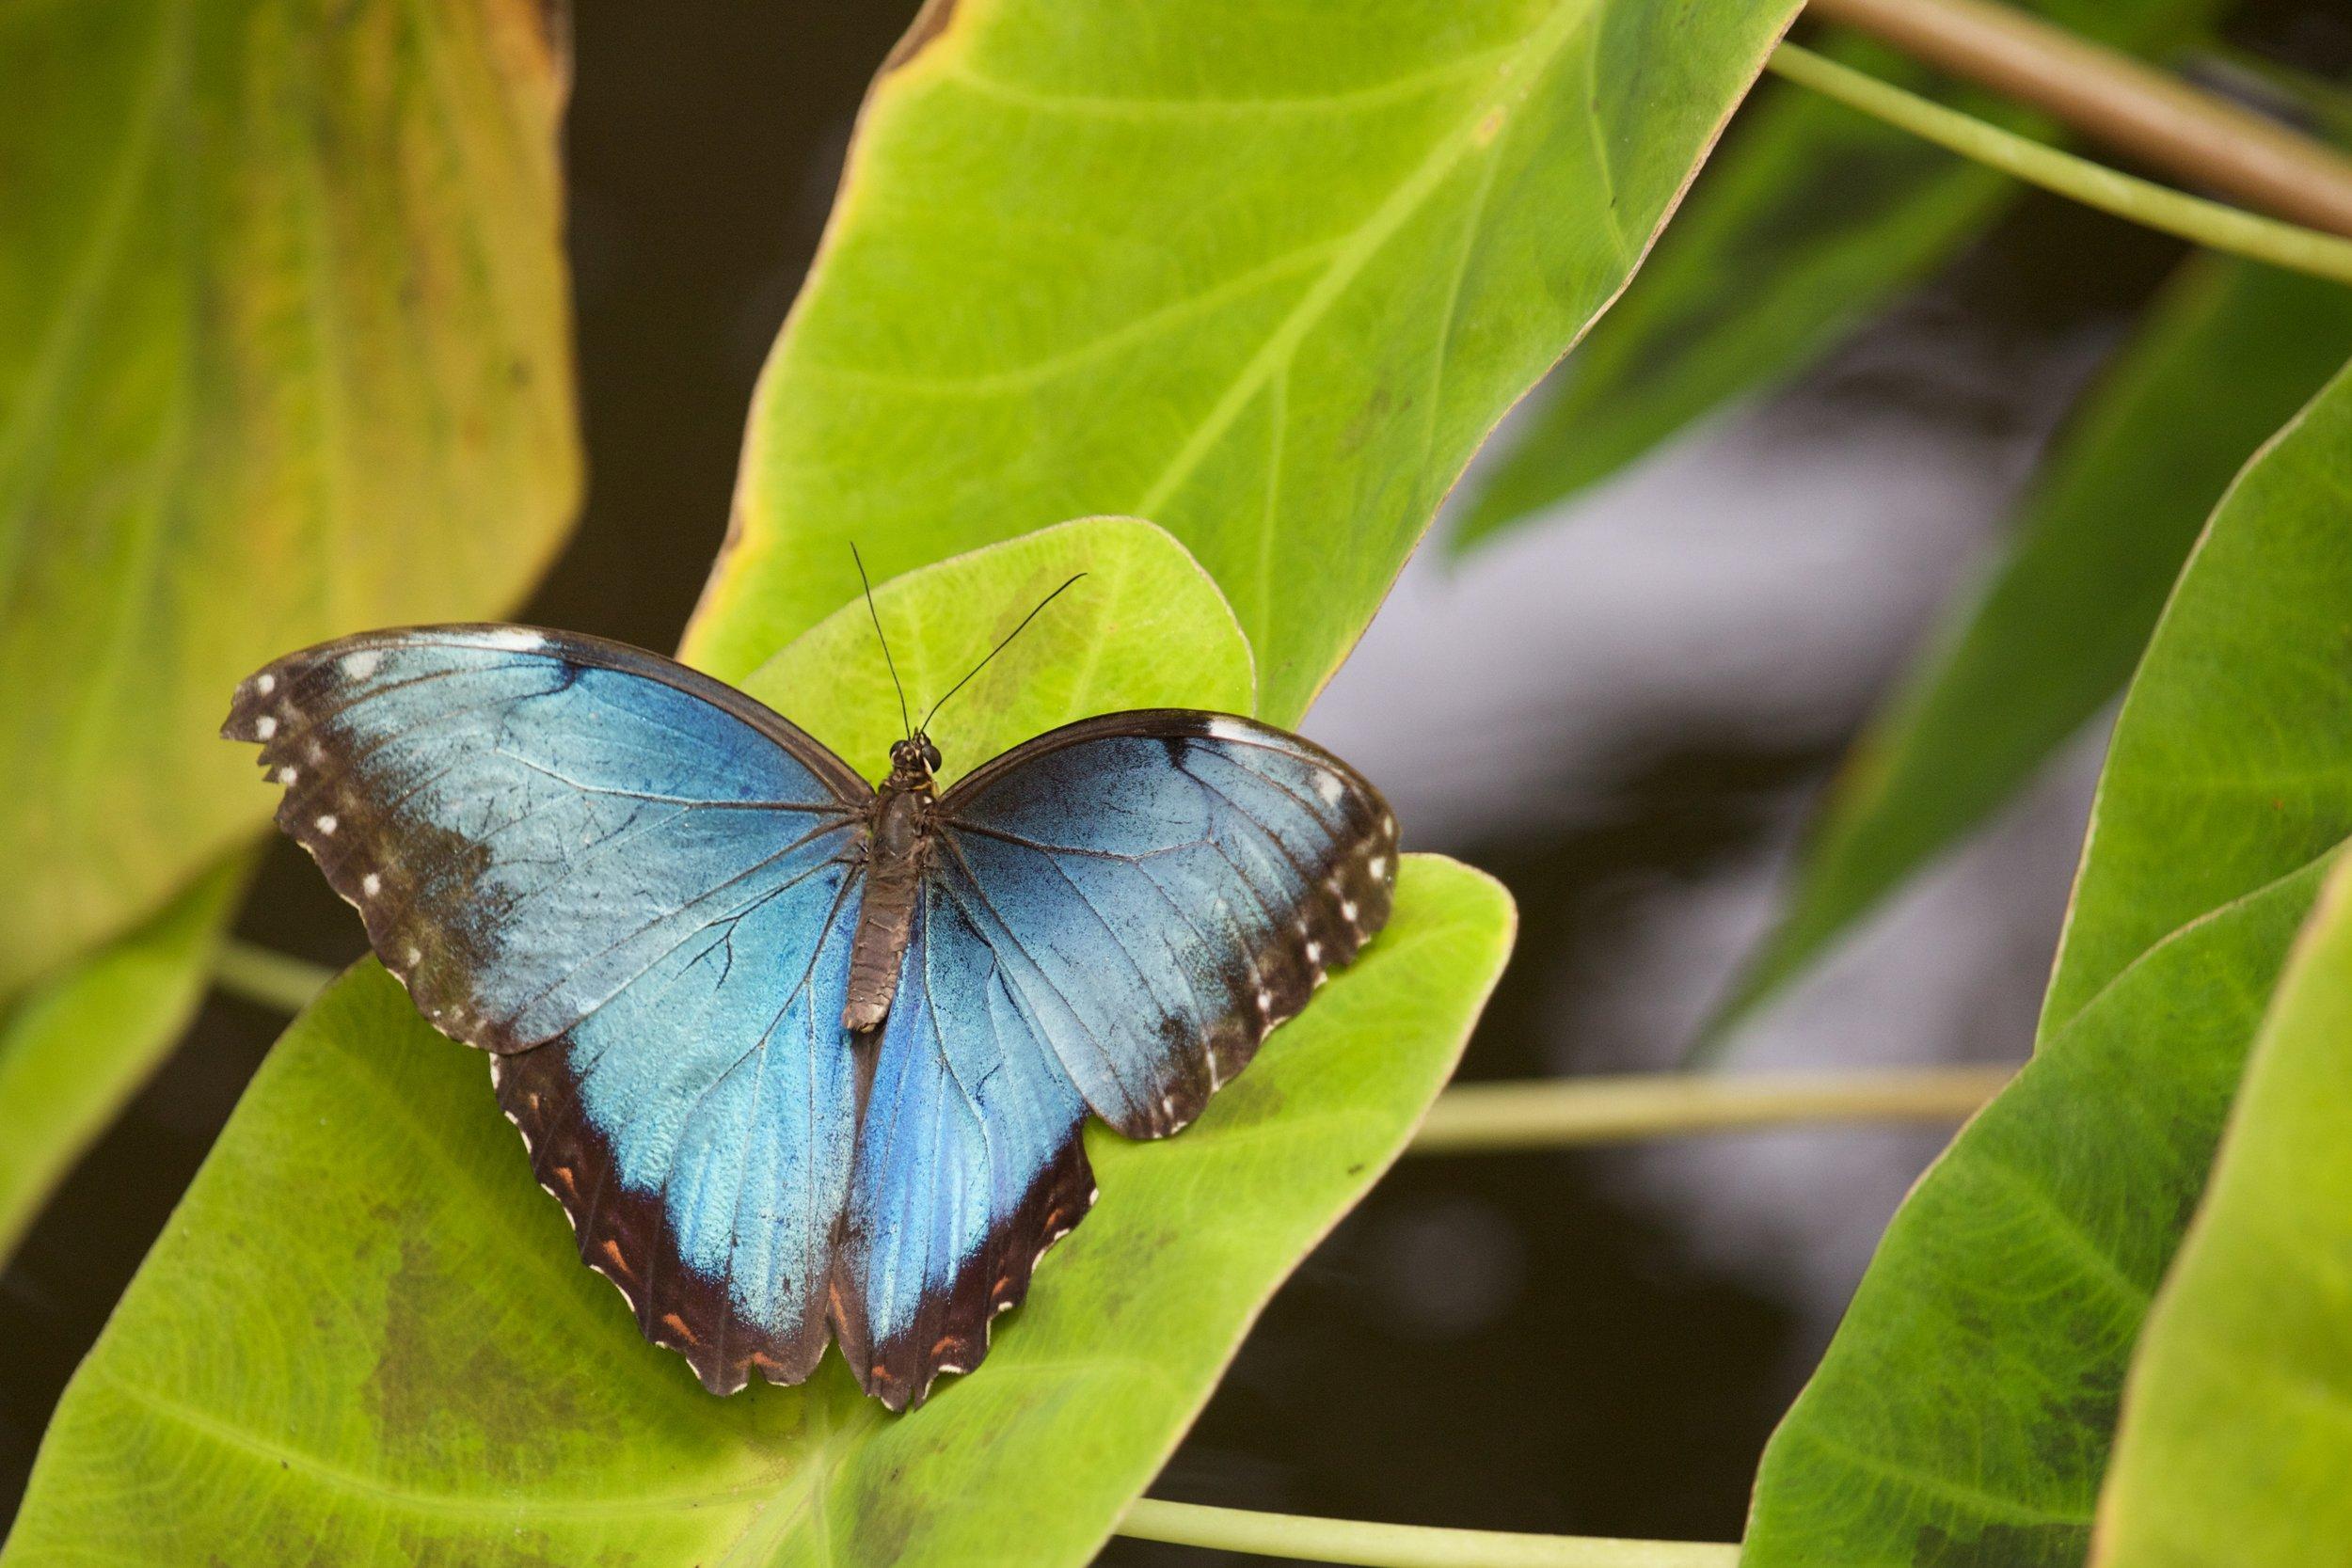 butterfly-87733-unsplash.jpg